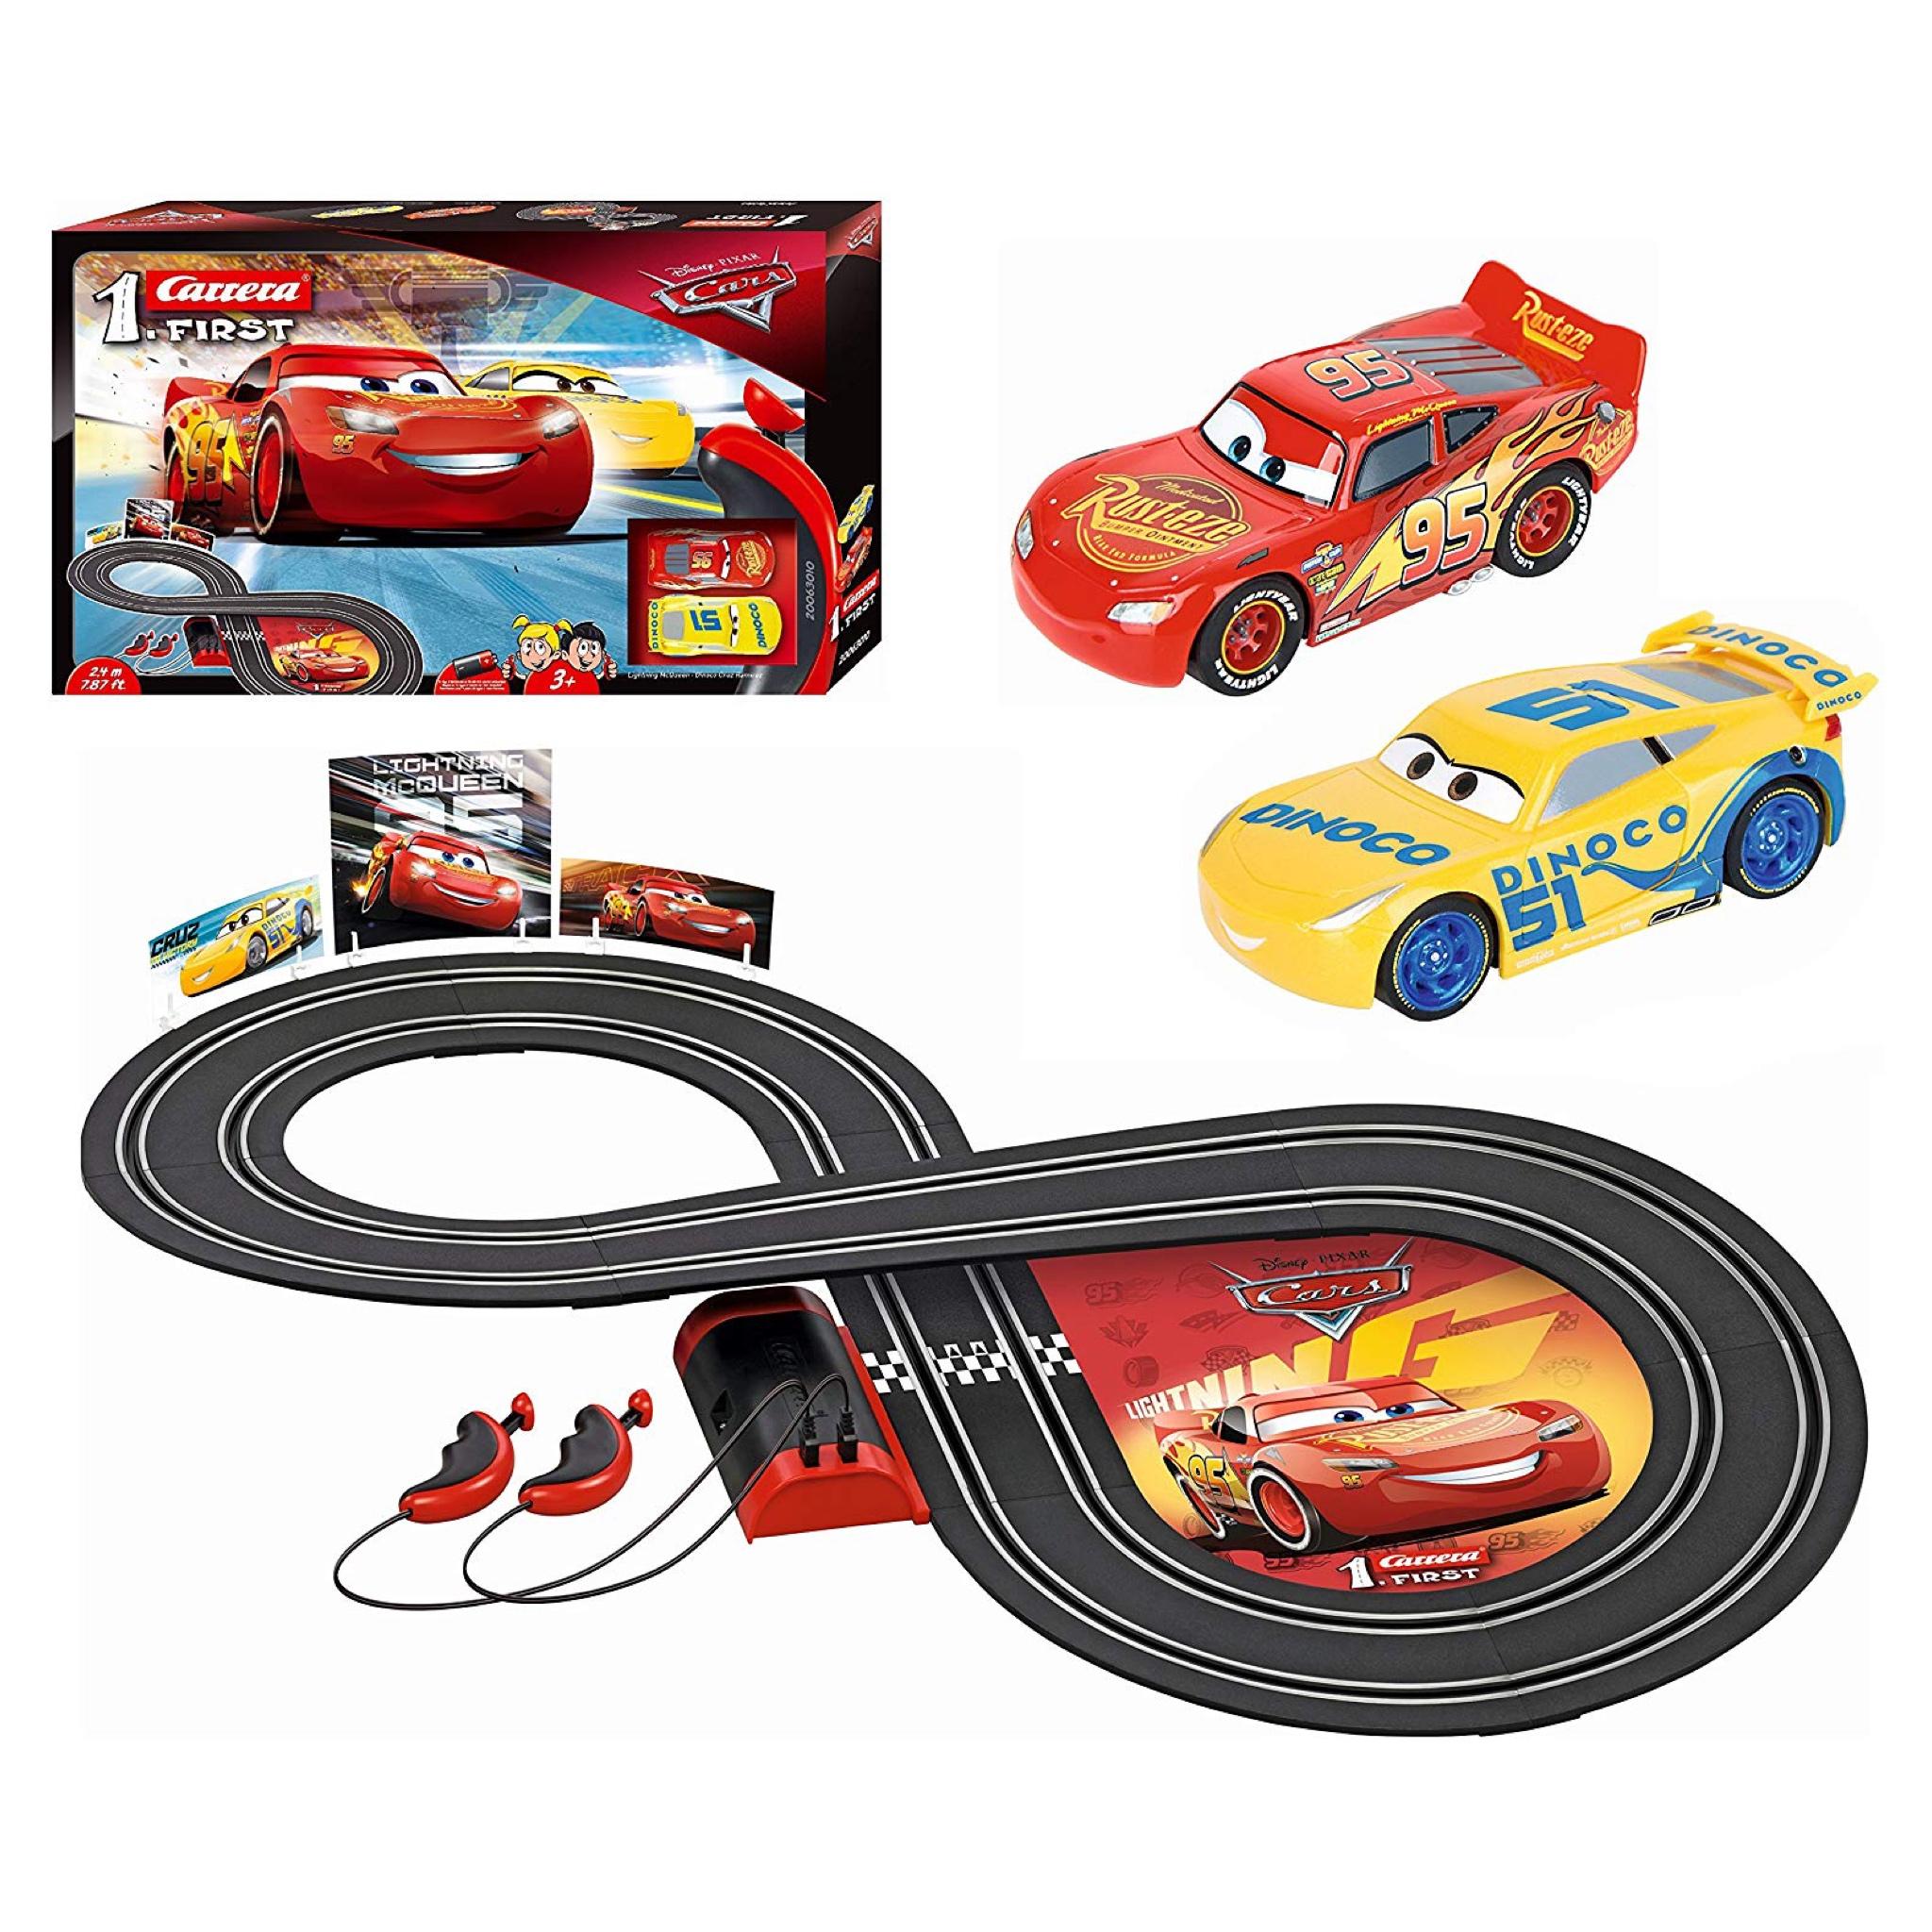 ชุดสนามแข่งรถอัตโนมัติ Carrera First Disney Pixar Cars 3 Slot Car Set